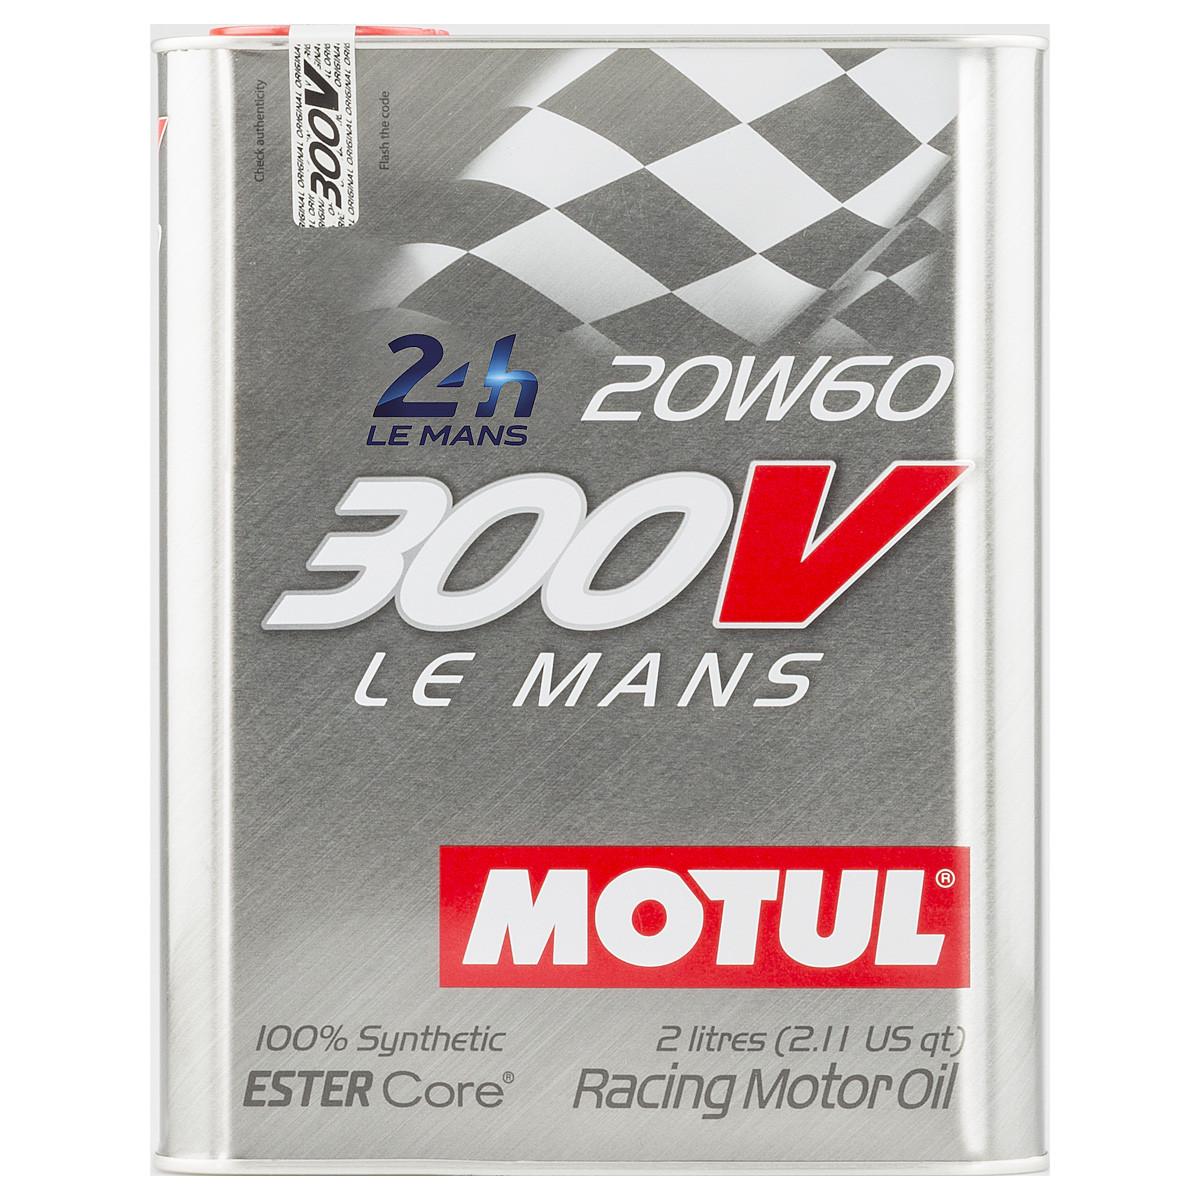 huile-moteur-competition-huile-moteur-motul-300v-le-mans-20w60